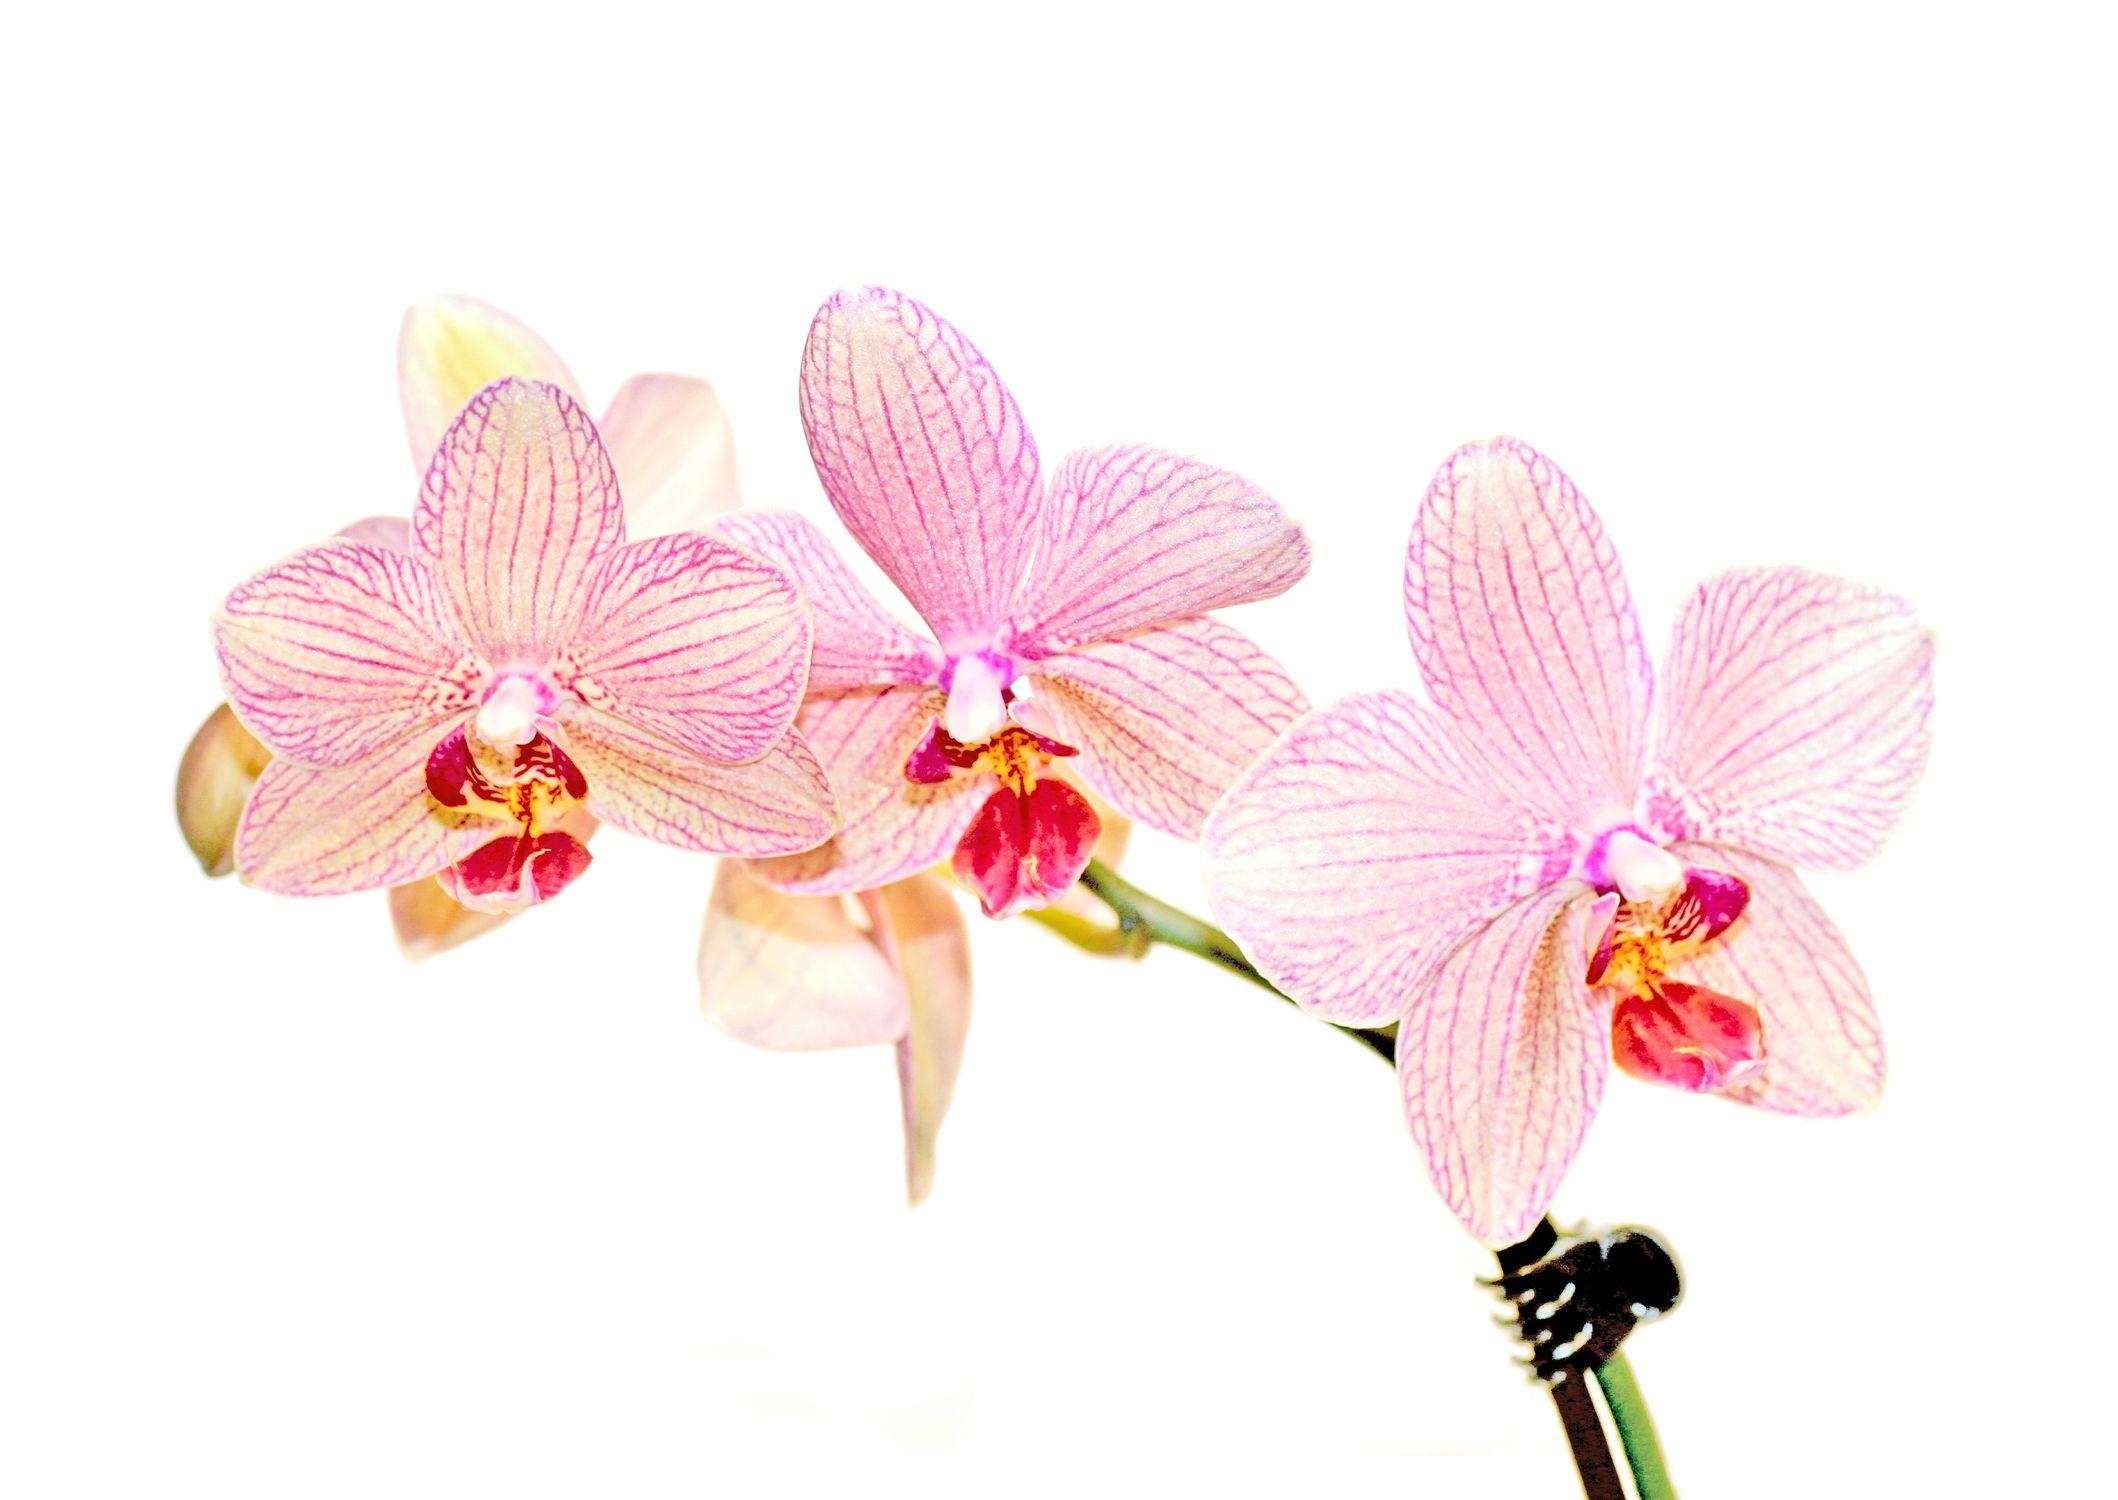 Bild mit Farben, Gegenstände, Natur, Pflanzen, Blumen, Rosa, Orchideen, Blume, Orchidee, Orchidee, Orchid, Orchids, Orchideengewächse, Pflanze, Orchidaceae, Grammatophyllum speciosum, Orchideen vor weißen Hintergrund, Tiger